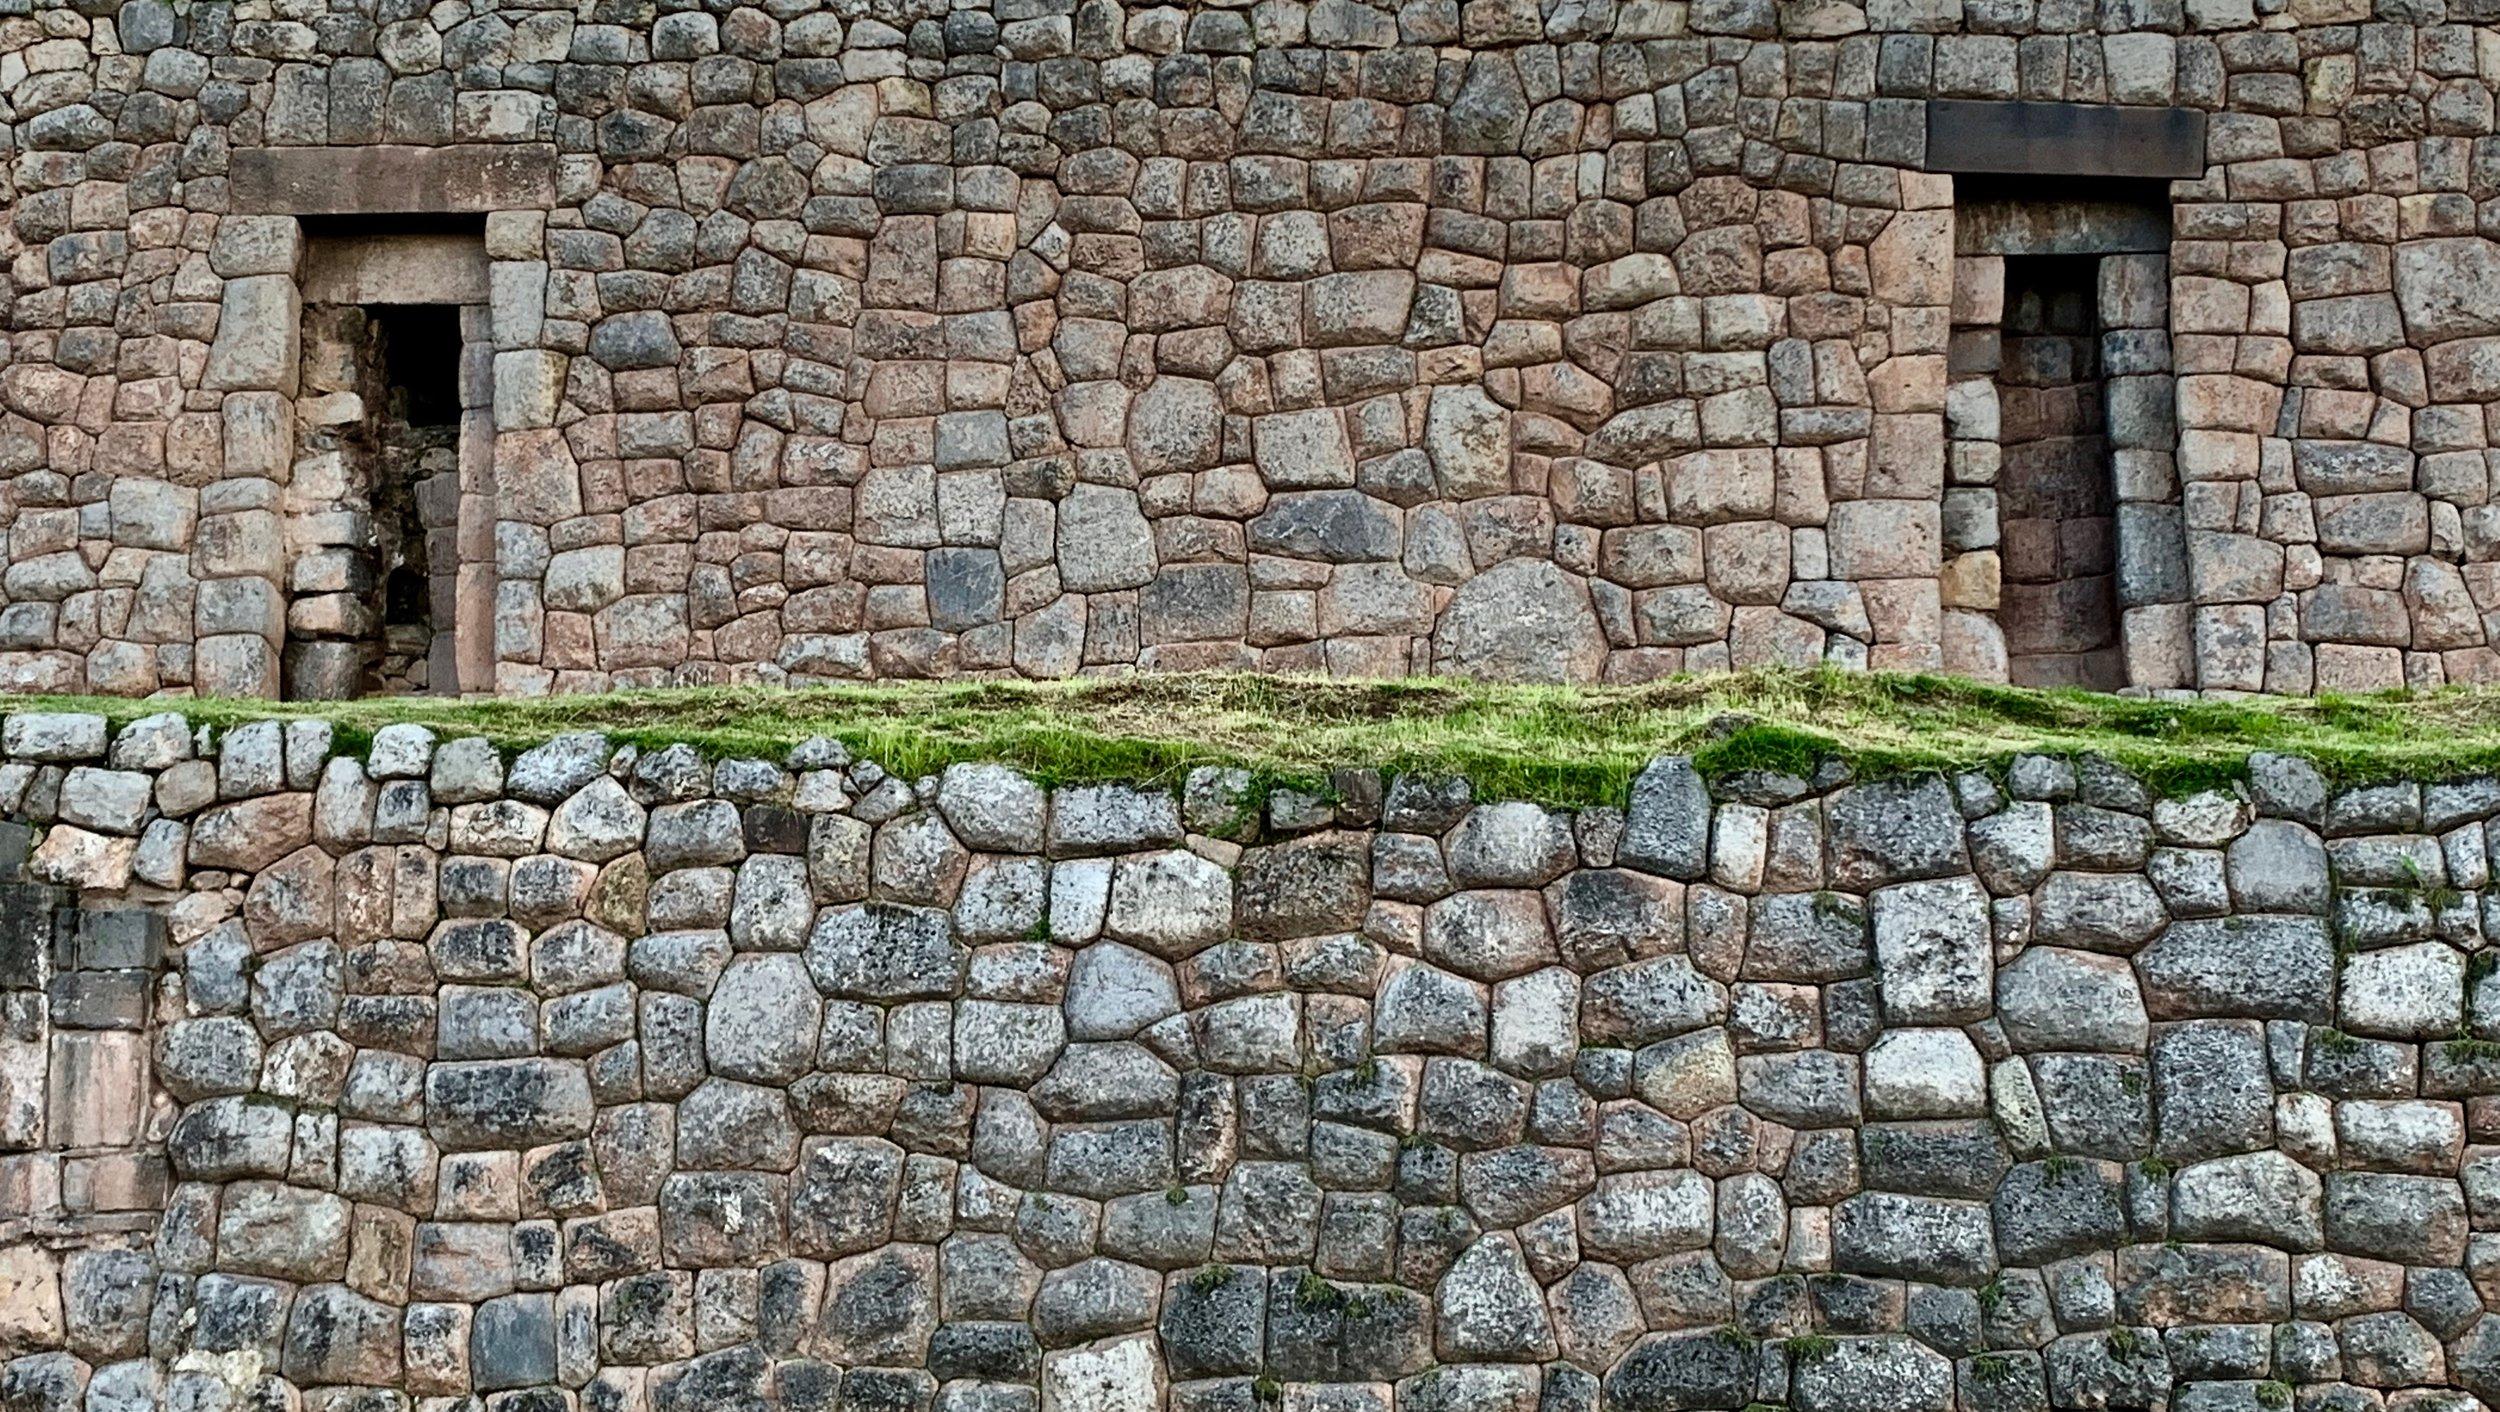 Classic Inca style stonework